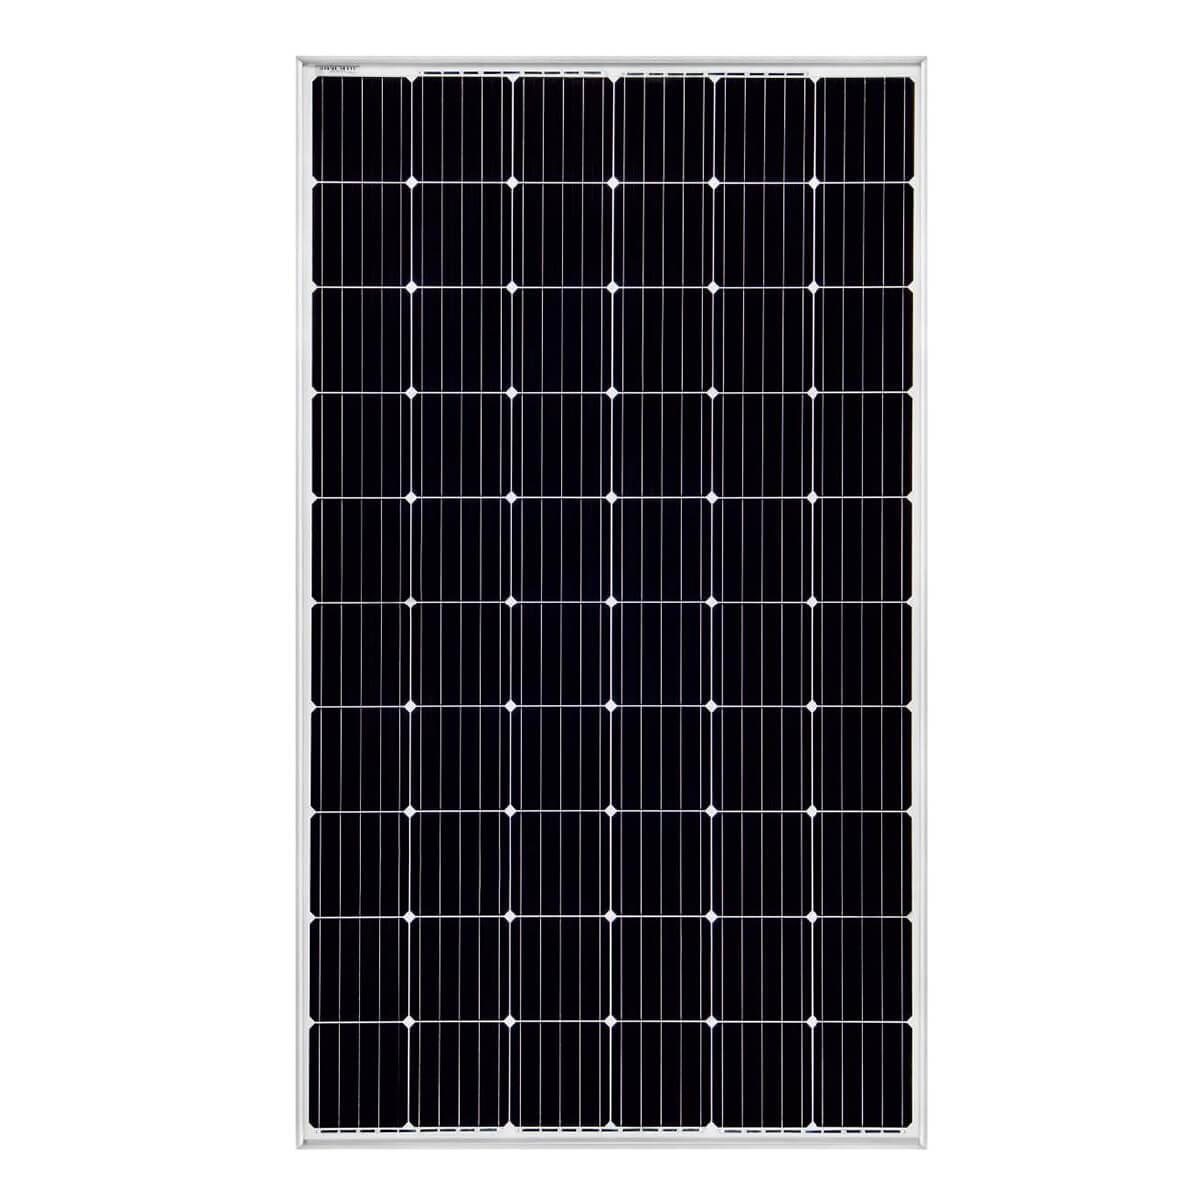 Odul solar 320W panel, odul solar 320Watt panel, Odul solar 320 W panel, odul solar 320 Watt panel, odul solar 320 Watt monokristal panel, Odul solar 320 W watt gunes paneli, odul solar 320 W watt monokristal gunes paneli, odul solar 320 W Watt fotovoltaik monokristal solar panel, odul solar 320W monokristal gunes enerjisi, odul solar OSMp60-320W panel